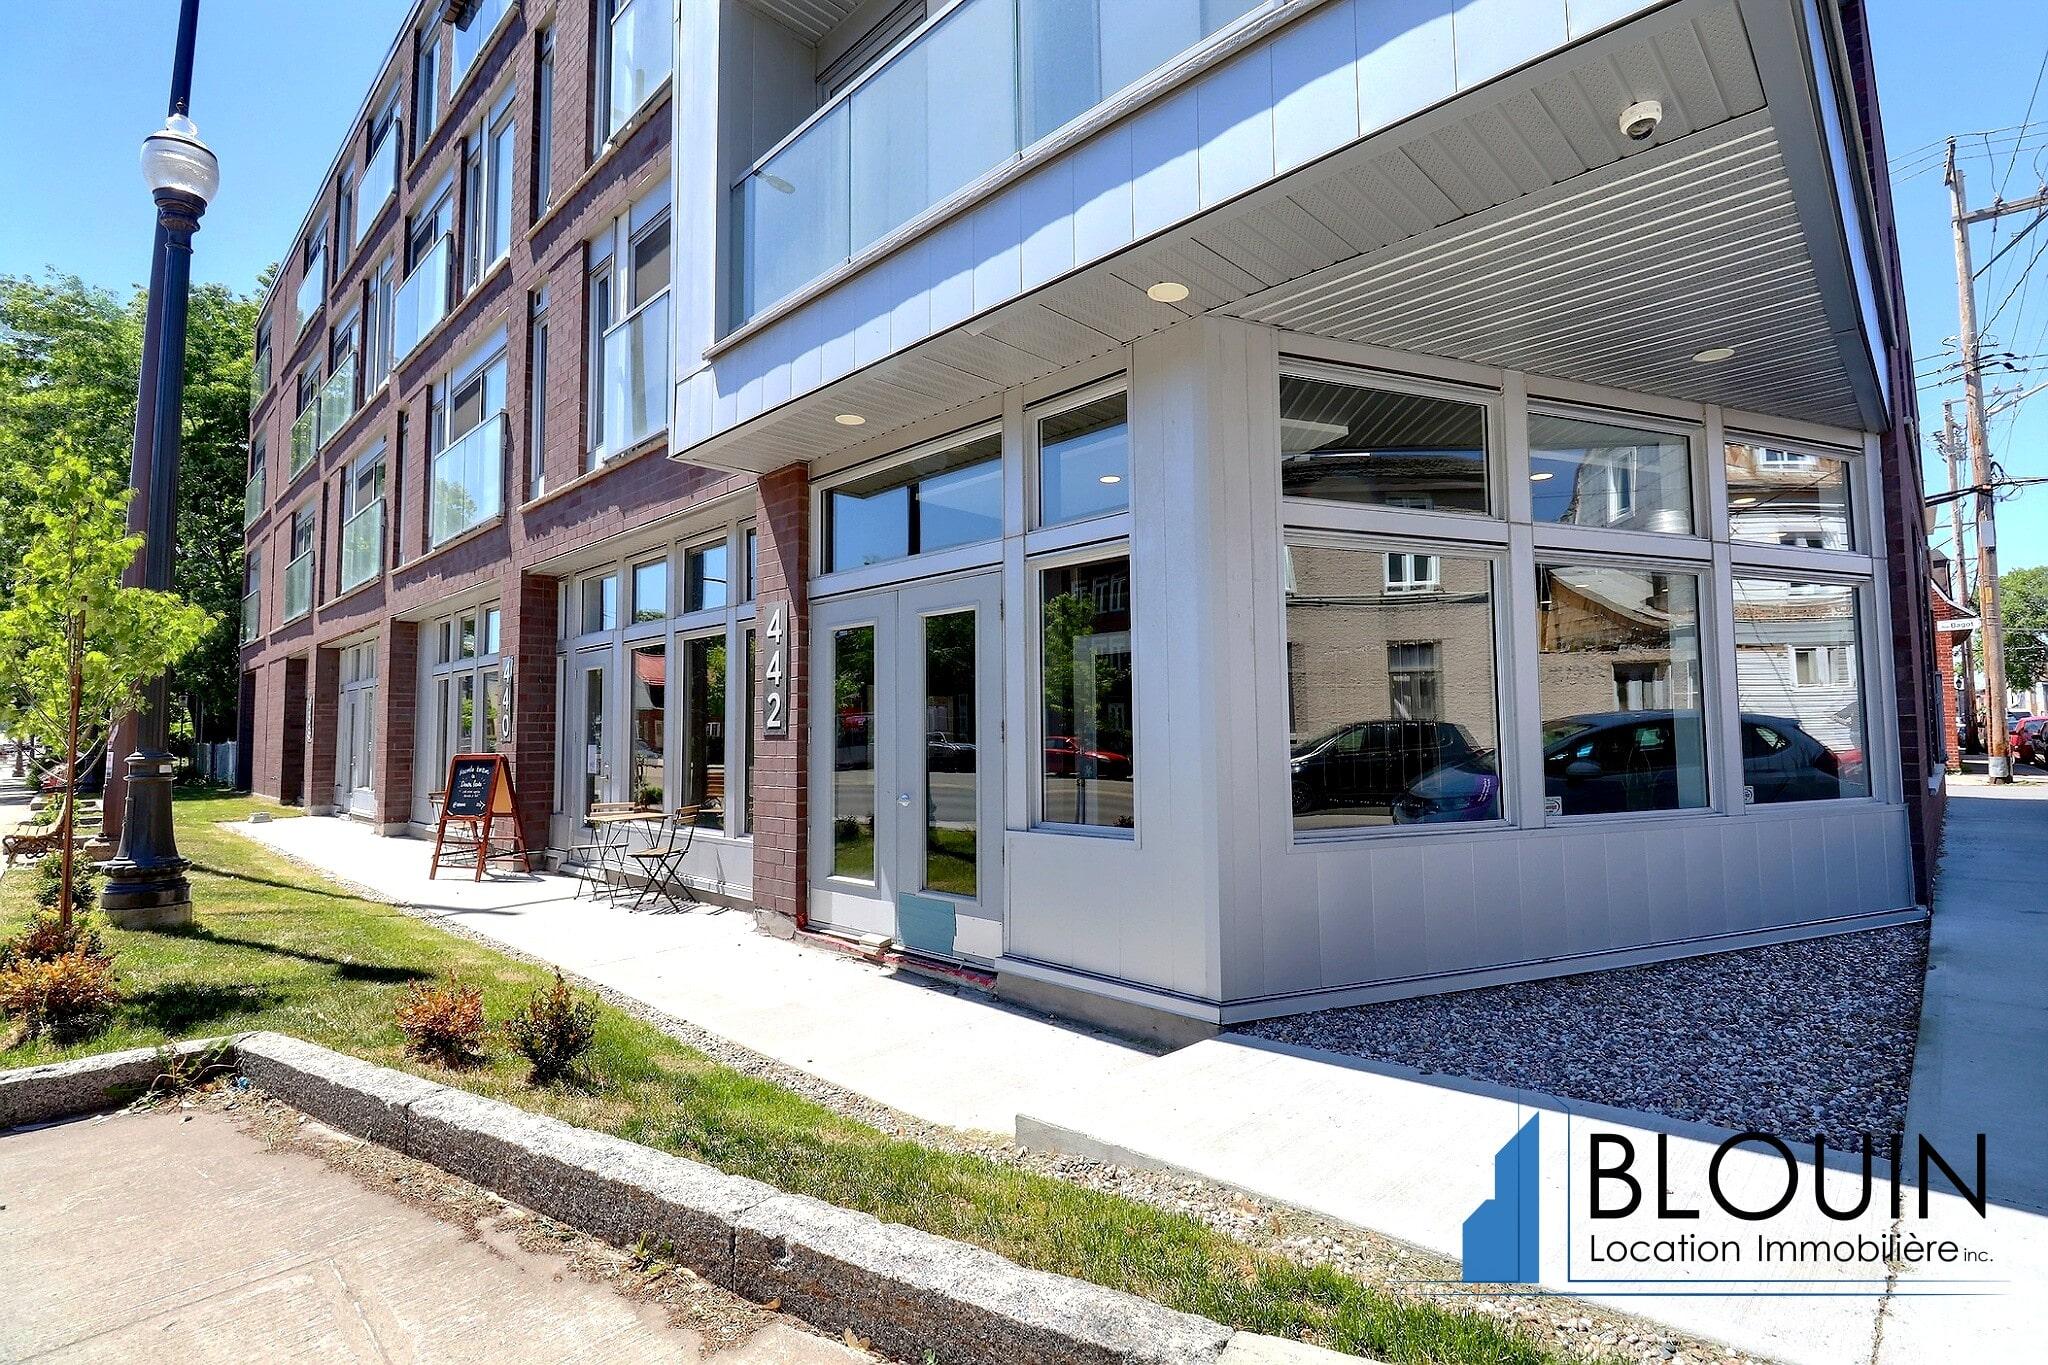 Photo 10 : 3 ½ Moderne à St-Sauveur, libre pour Juillet, Terrasse sur le toit & Stationnement intérieur